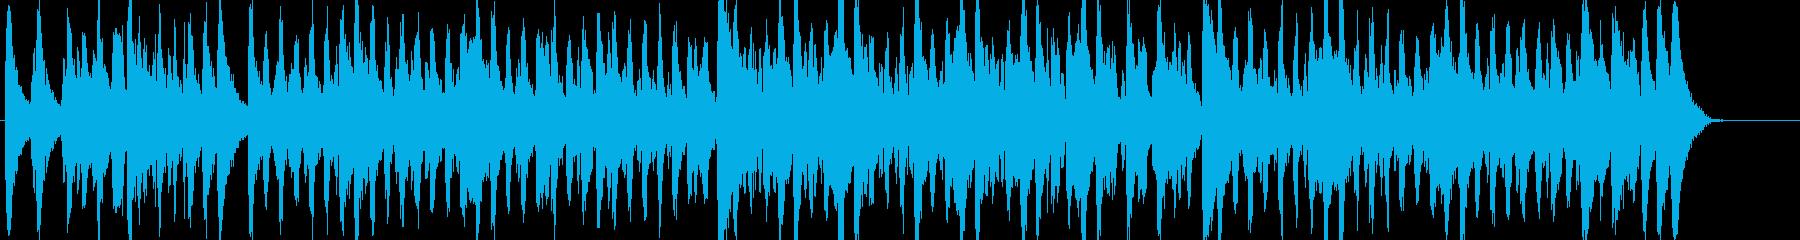 行進曲風のほのぼのとしたBGMの再生済みの波形